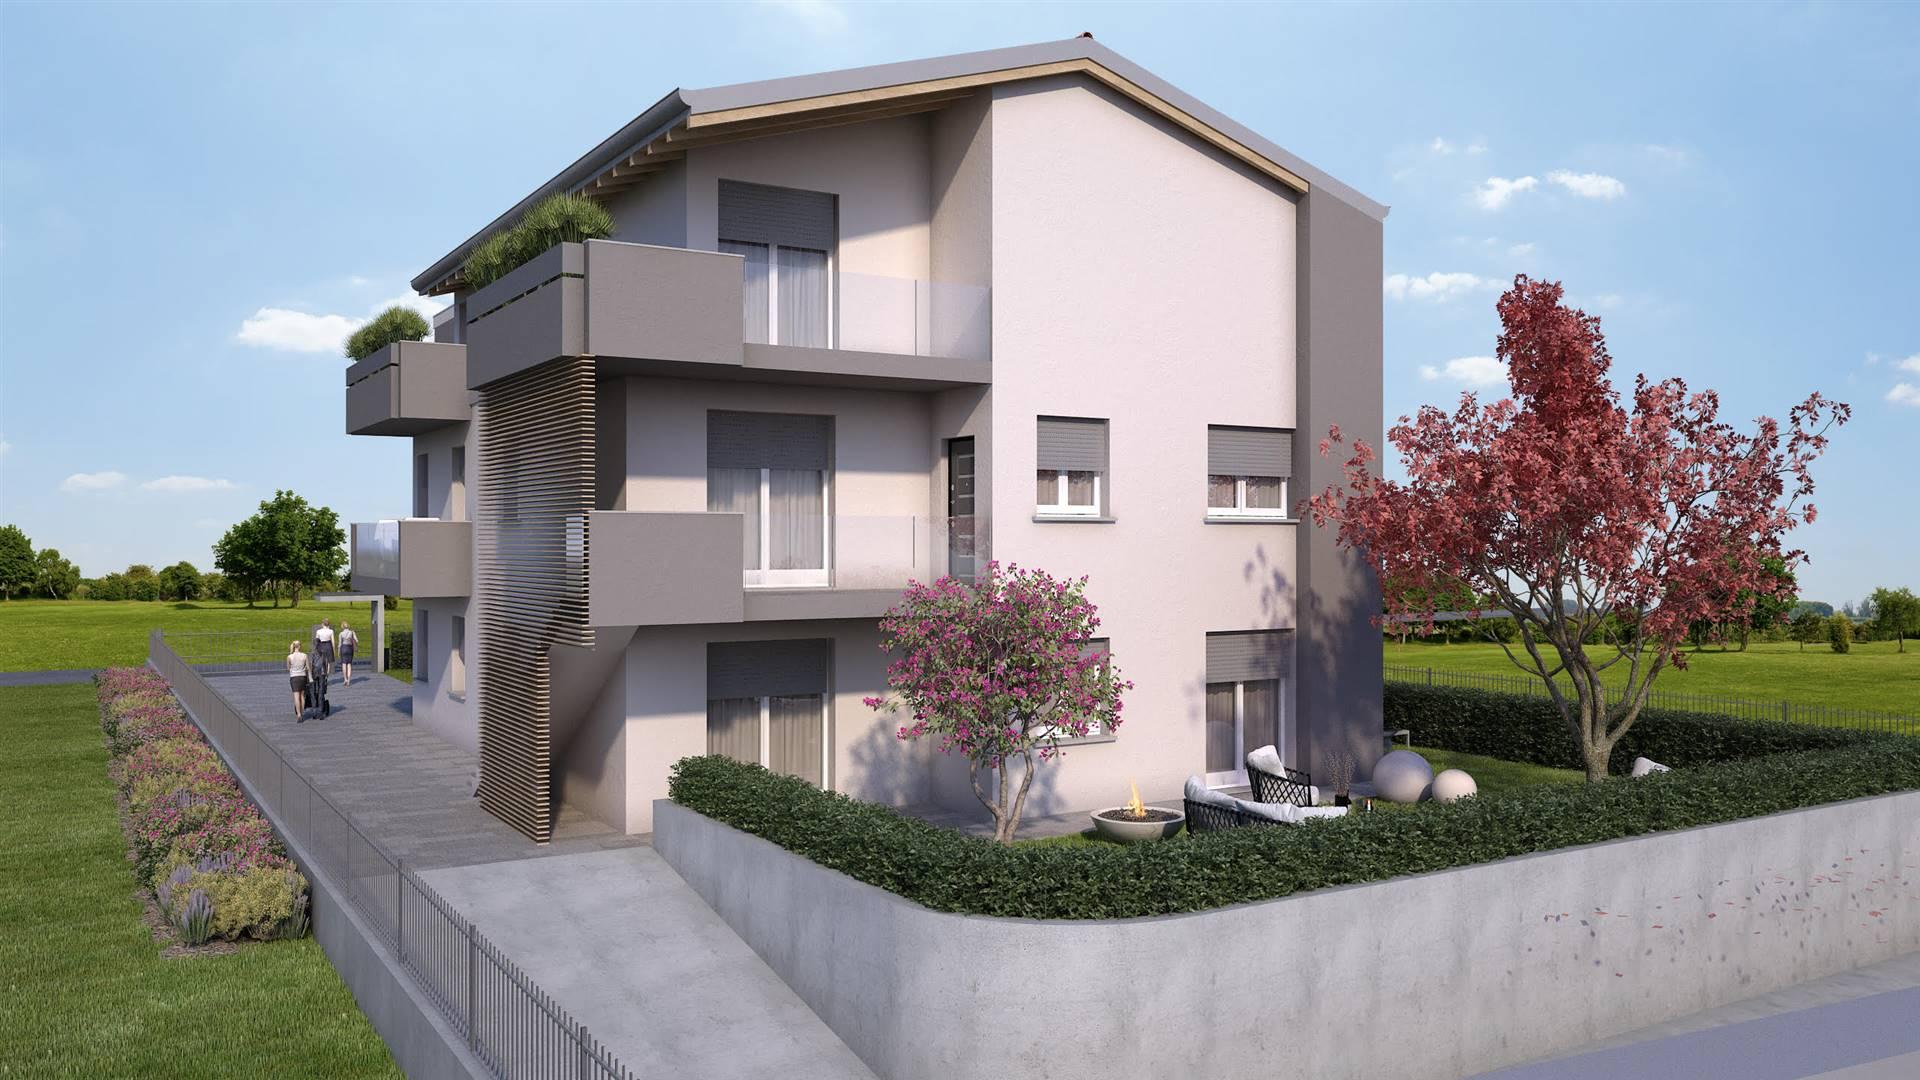 Attico di nuova costruzione a Osio Sopra. L' appartamento è posto all' ultimo piano di un contesto di sole 5 unità di cui 2 già vendute. E' composto